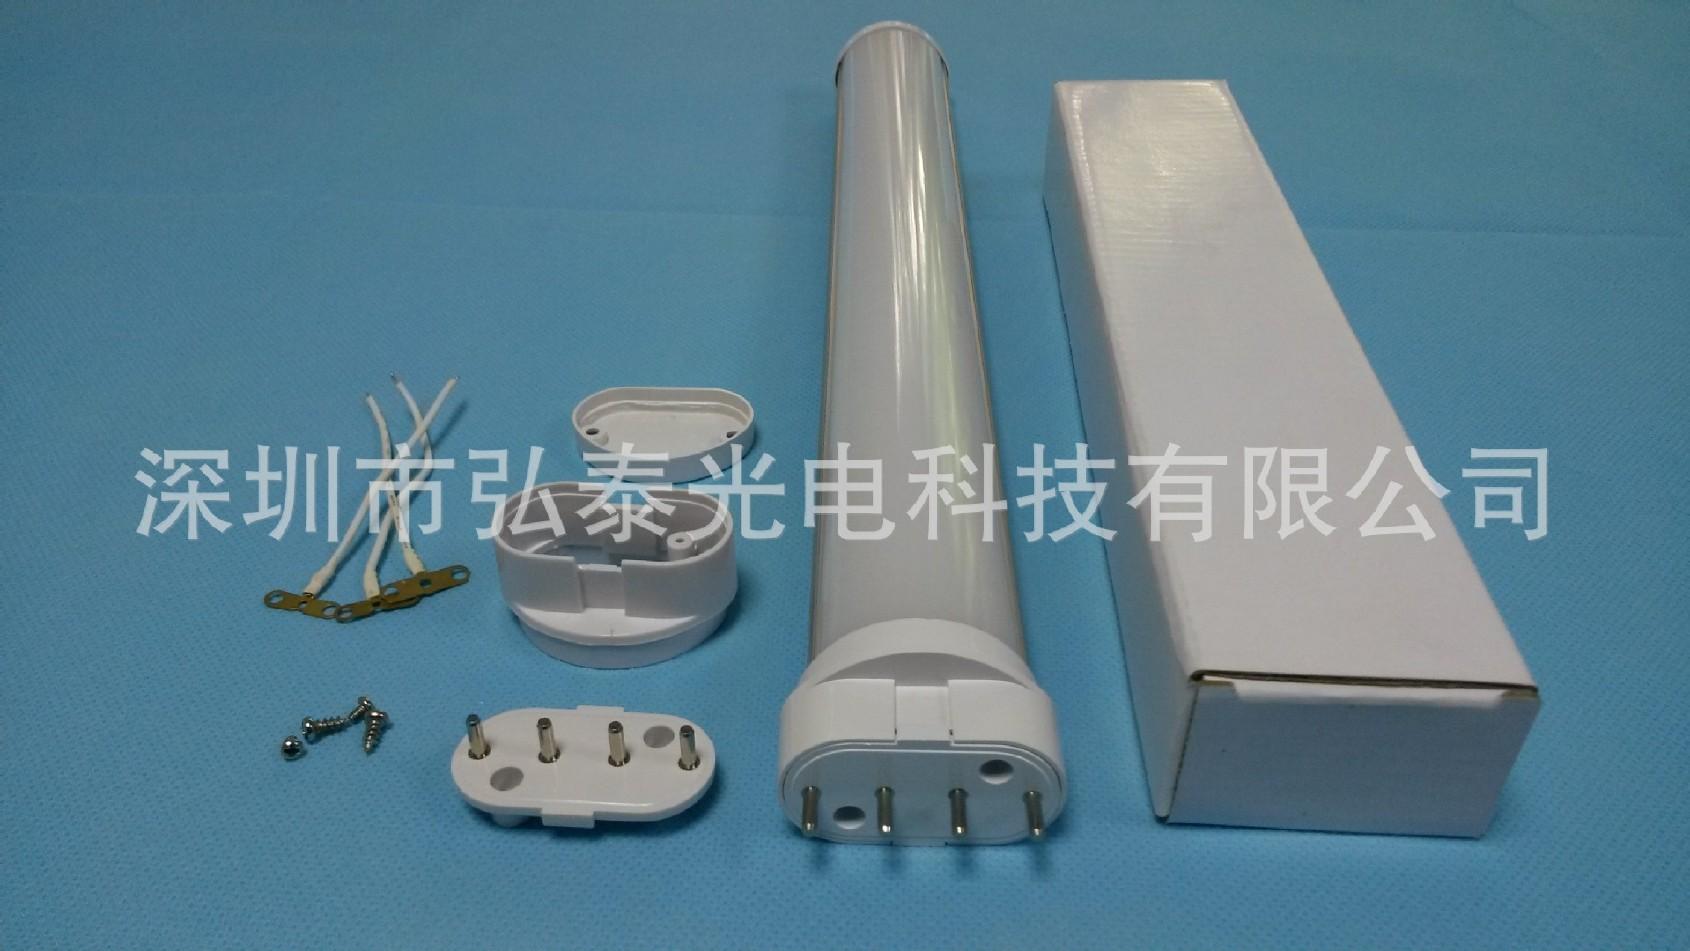 廠家直銷2G11燈管配件、led橫插燈可配透明罩和乳白罩圖片